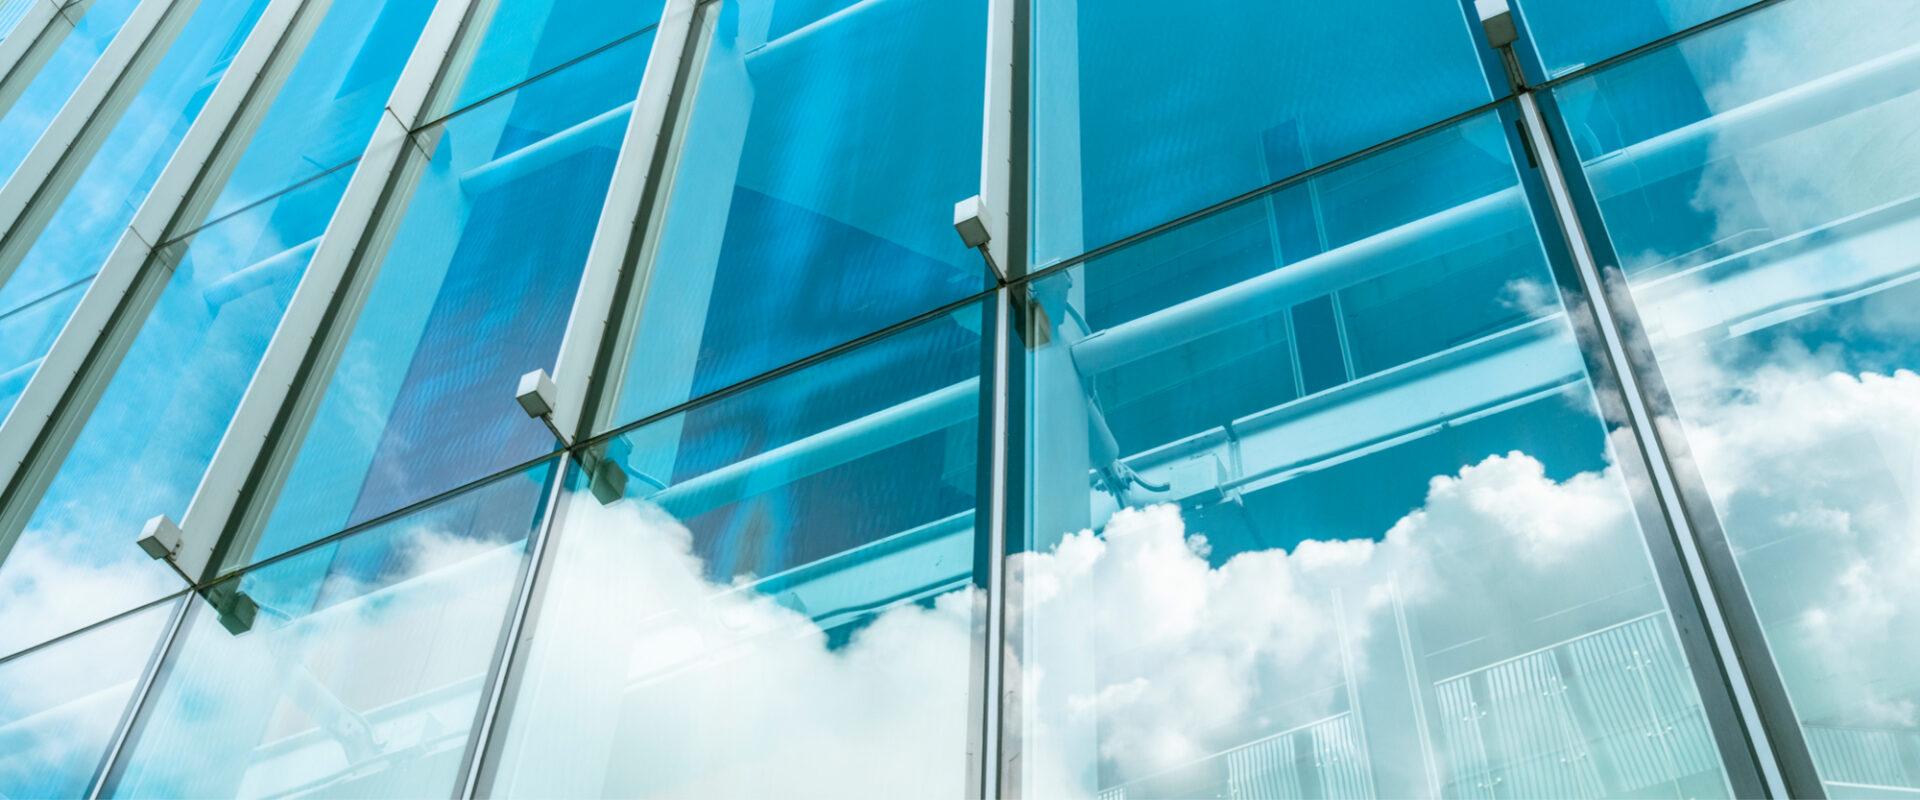 Facciata palazzo con vetrate - Cittamoderna investimenti immobiliari